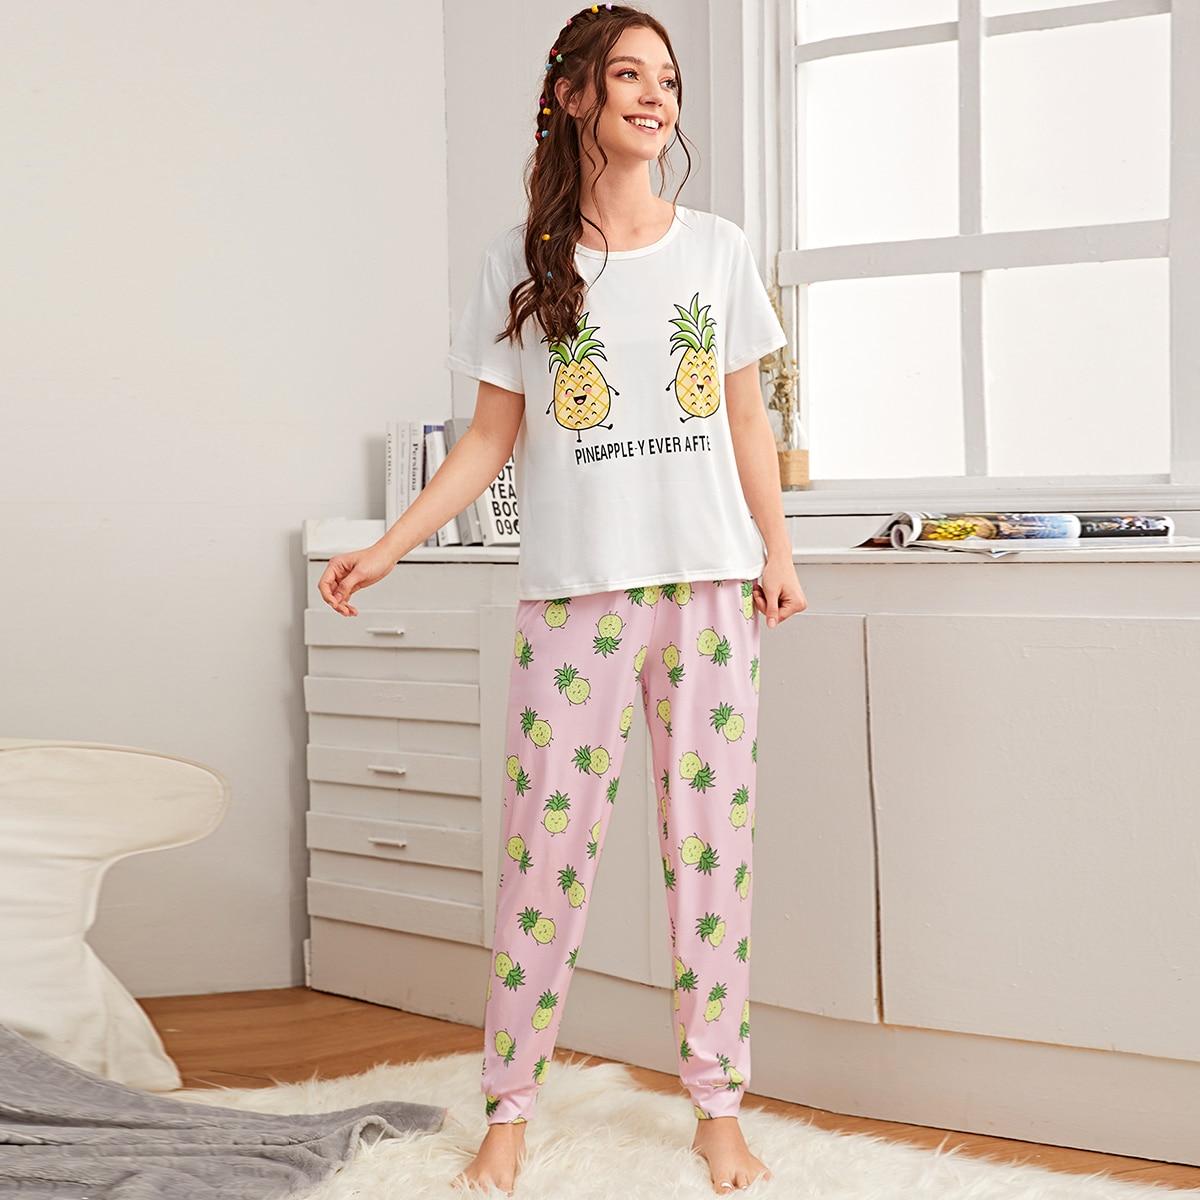 Schlafanzug Set mit Karikatur Ananas & Buchstaben Muster